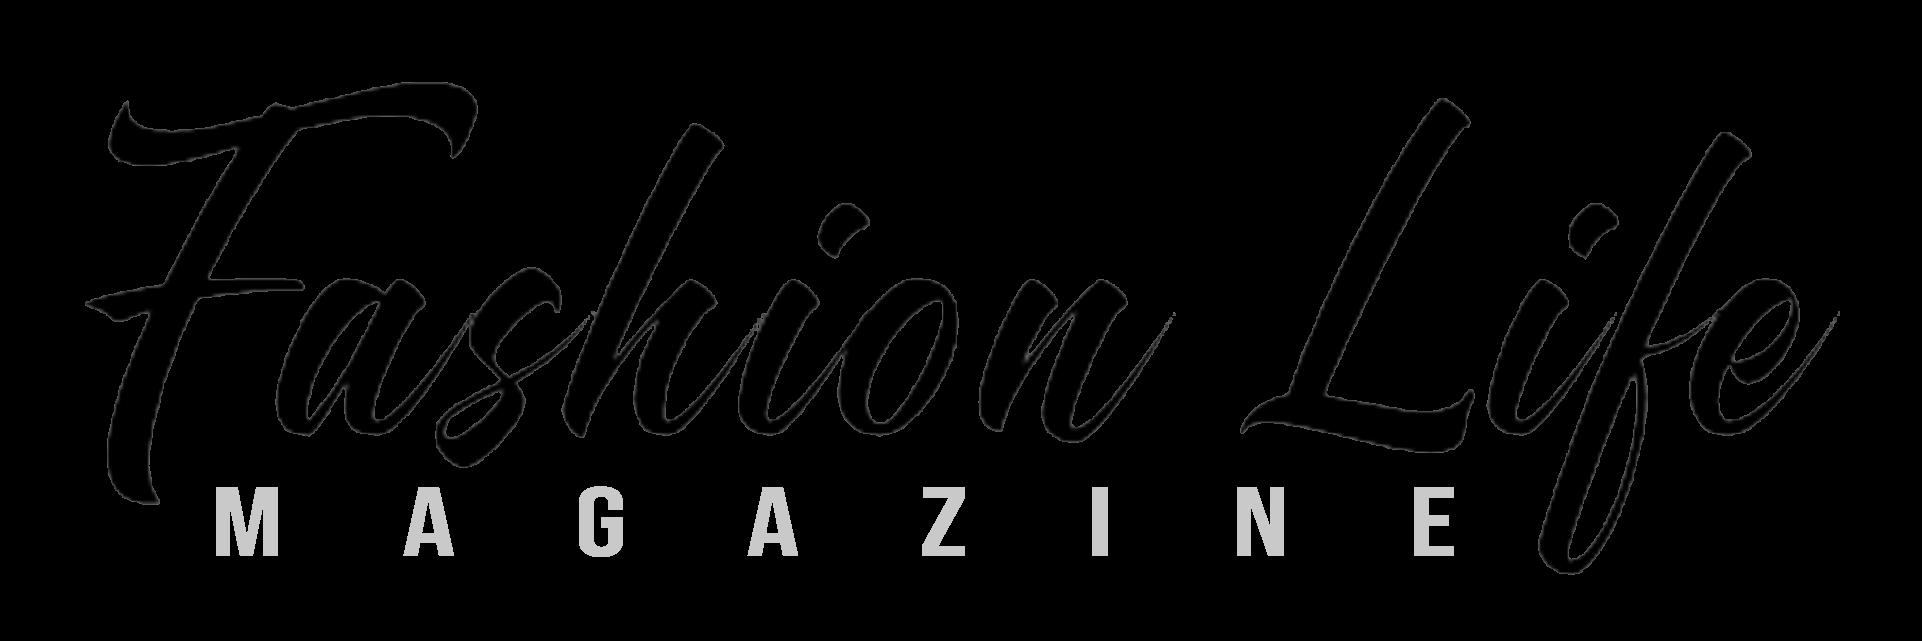 Fashion Life Mag